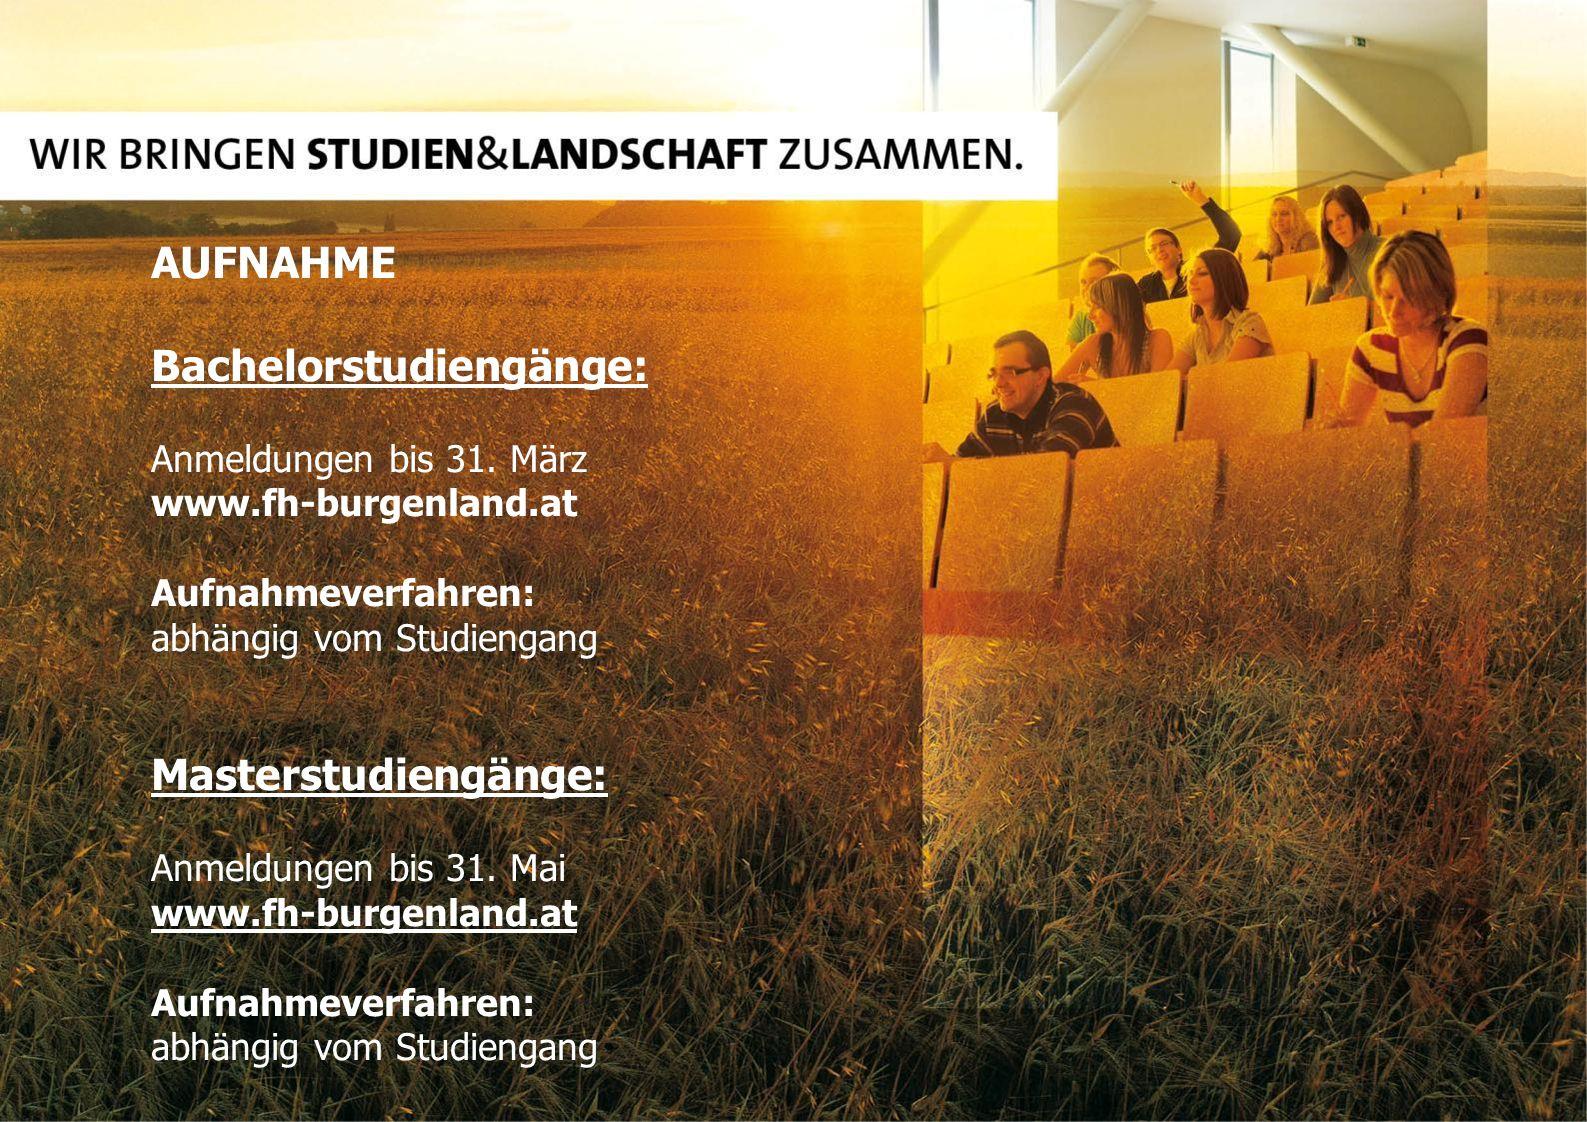 AUFNAHME Bachelorstudiengänge: Anmeldungen bis 31. März www.fh-burgenland.at Aufnahmeverfahren: abhängig vom Studiengang Masterstudiengänge: Anmeldung